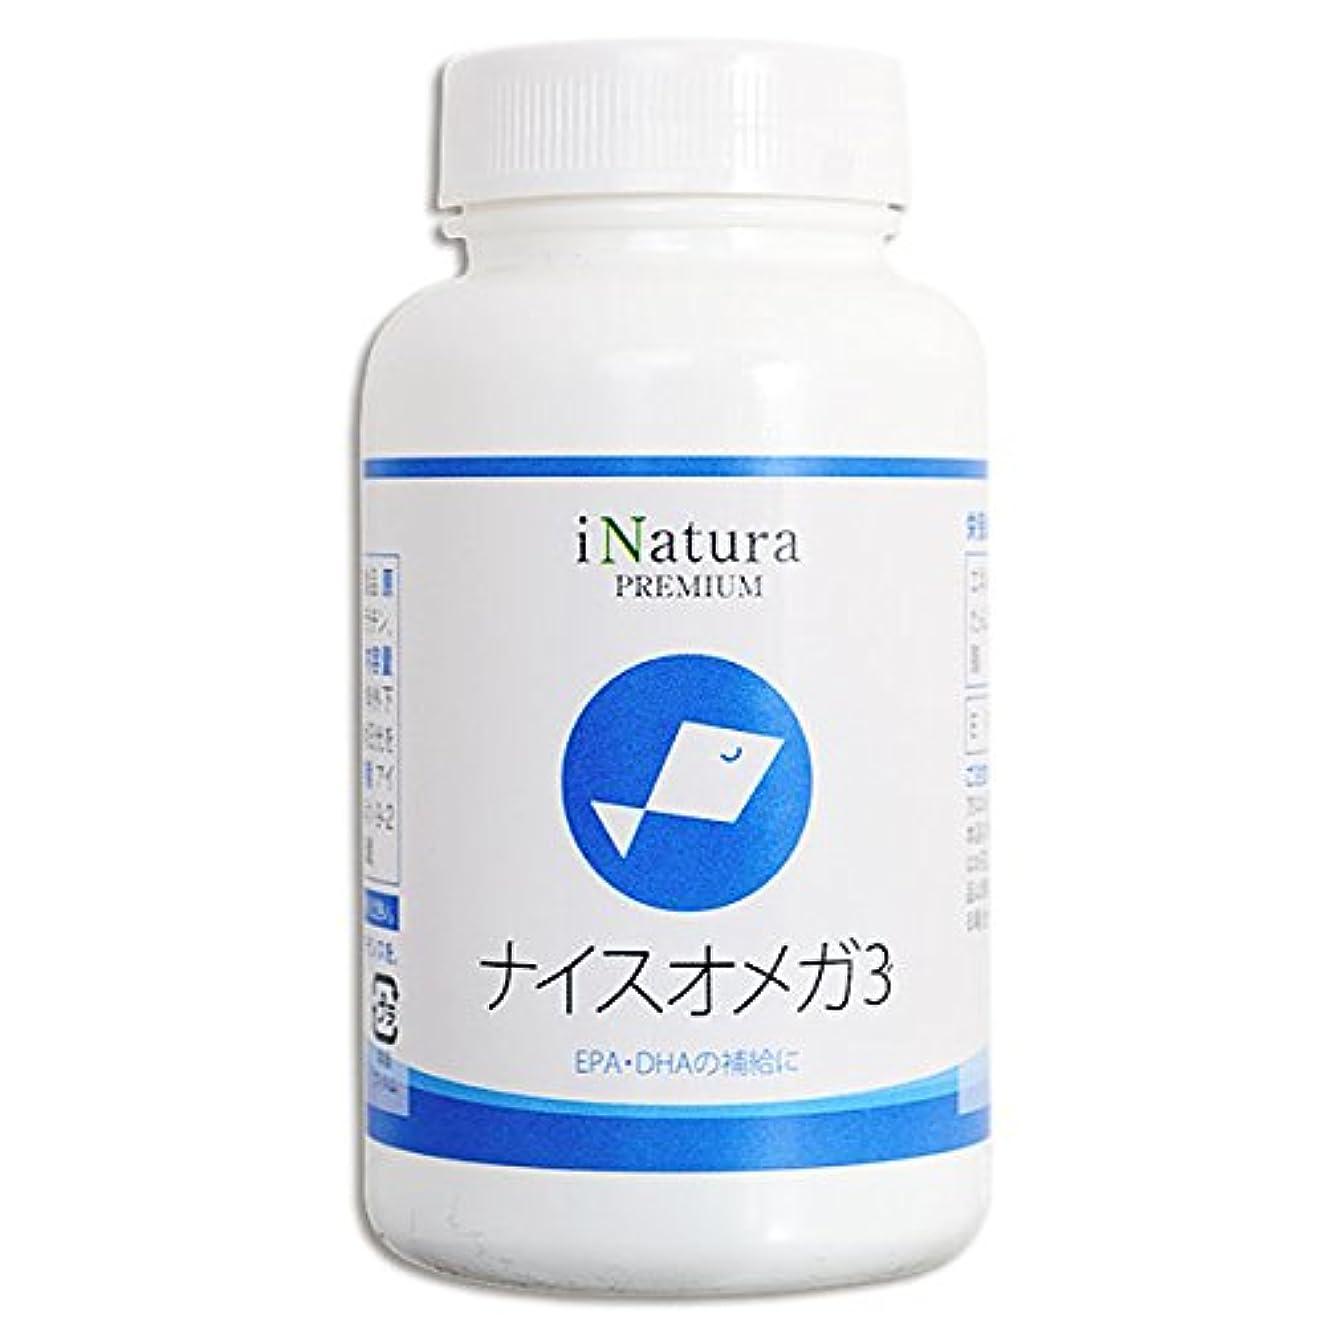 うれしい医薬によるとアイナチュラ ナイスオメガ 3(660mg)?120粒